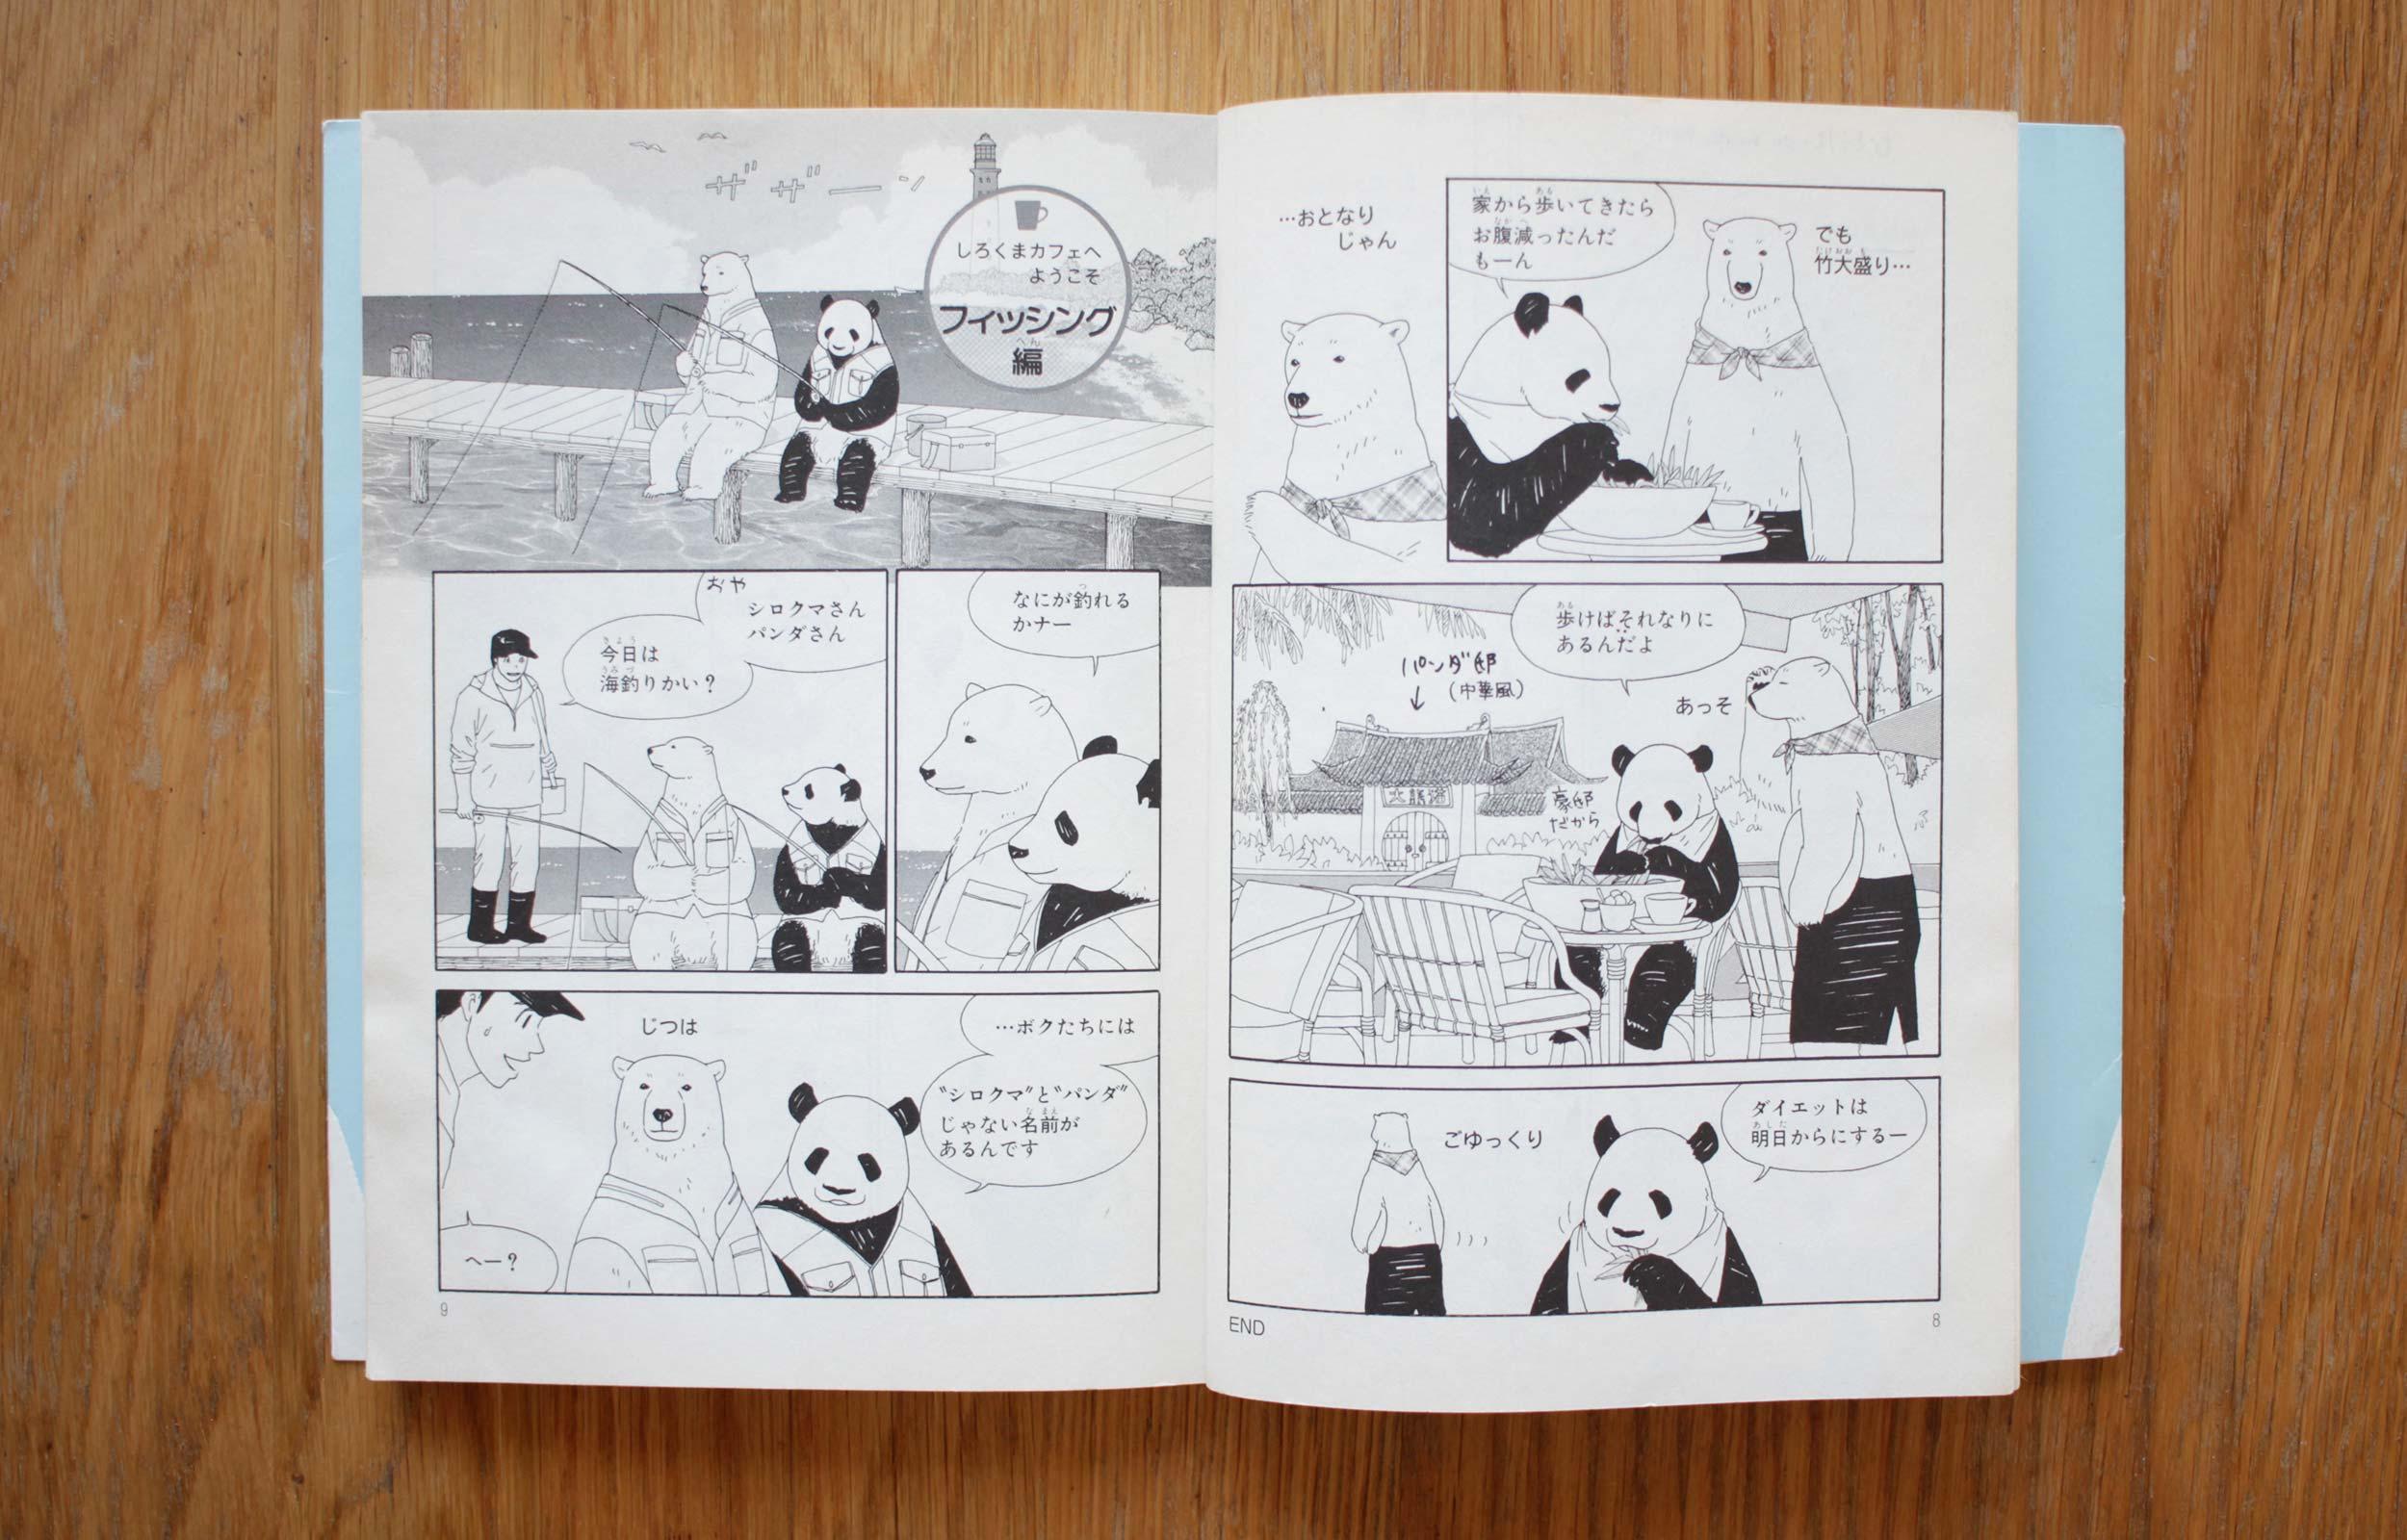 some dialogues between Polar Bear and Panda Bear